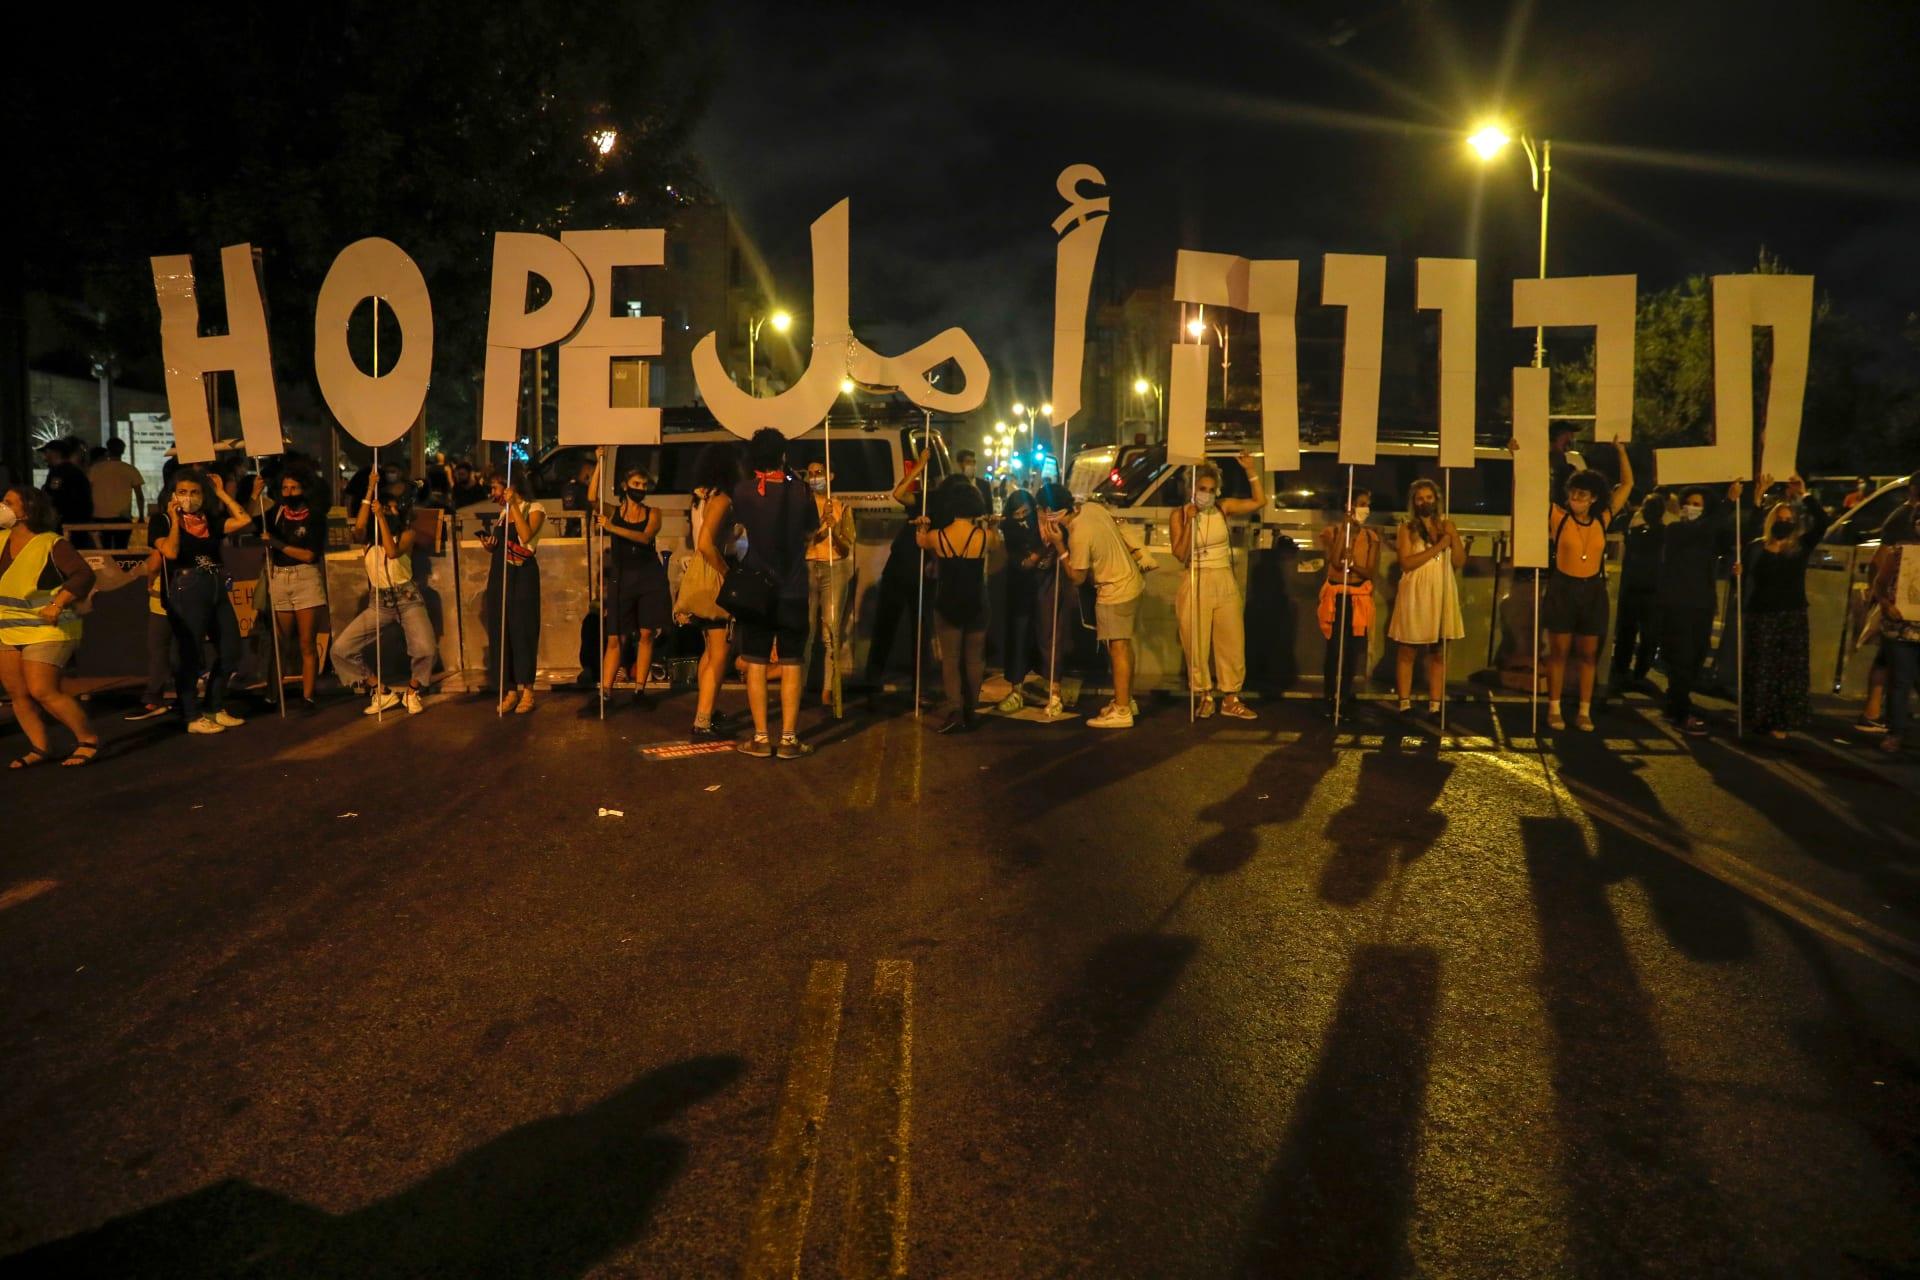 جانب من الاحتجاجات أمام مقر إقامة رئيس الوزراء الإسرائيلي في مدينة القدس